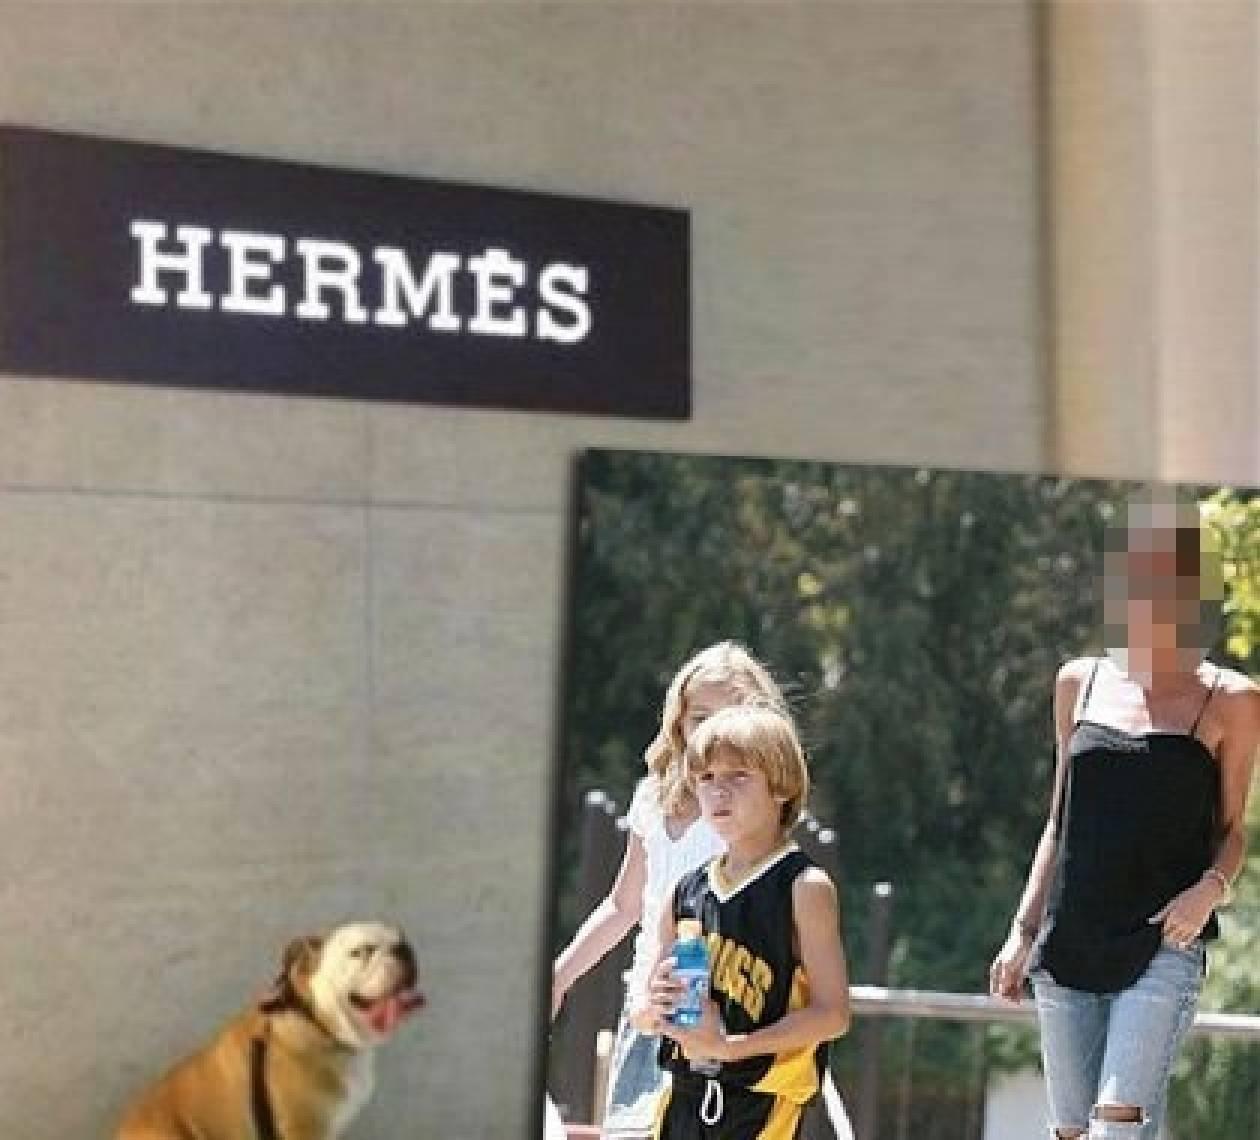 Ποιας διάσημης star ο σκύλος ψωνίζει από τον οίκο Hermes;